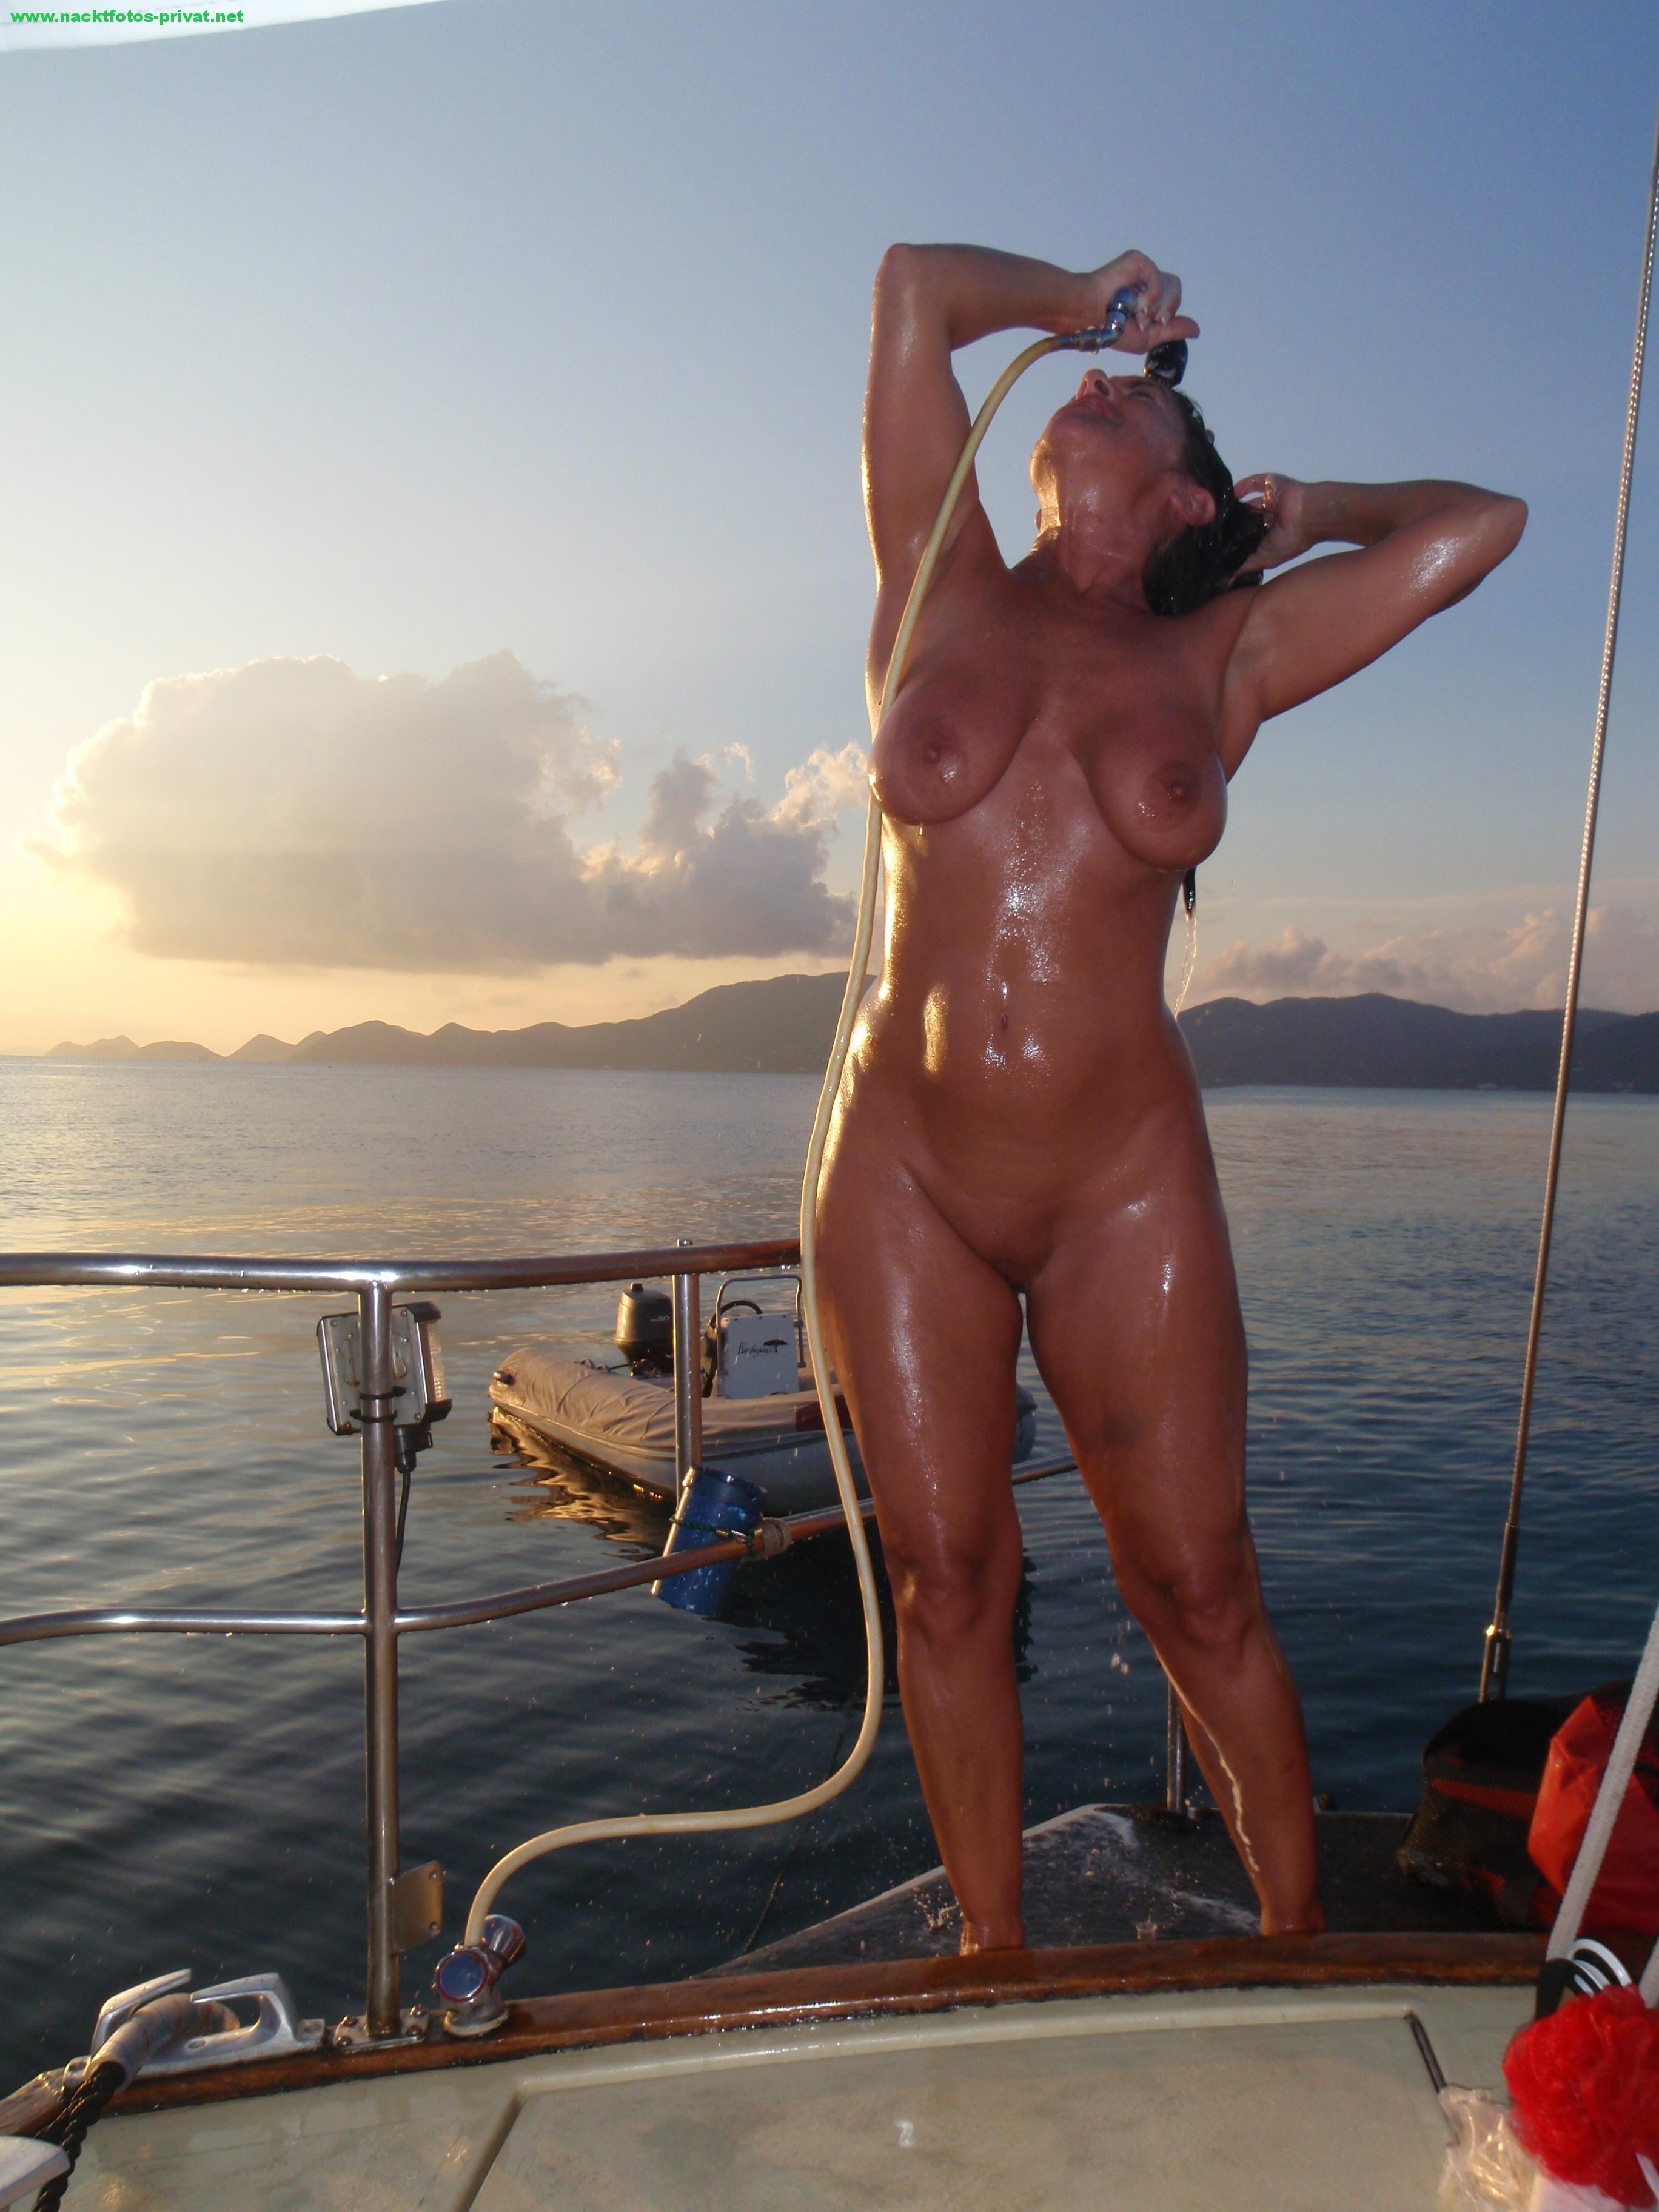 Urlaubsfoto Nackt Auf Der Yacht